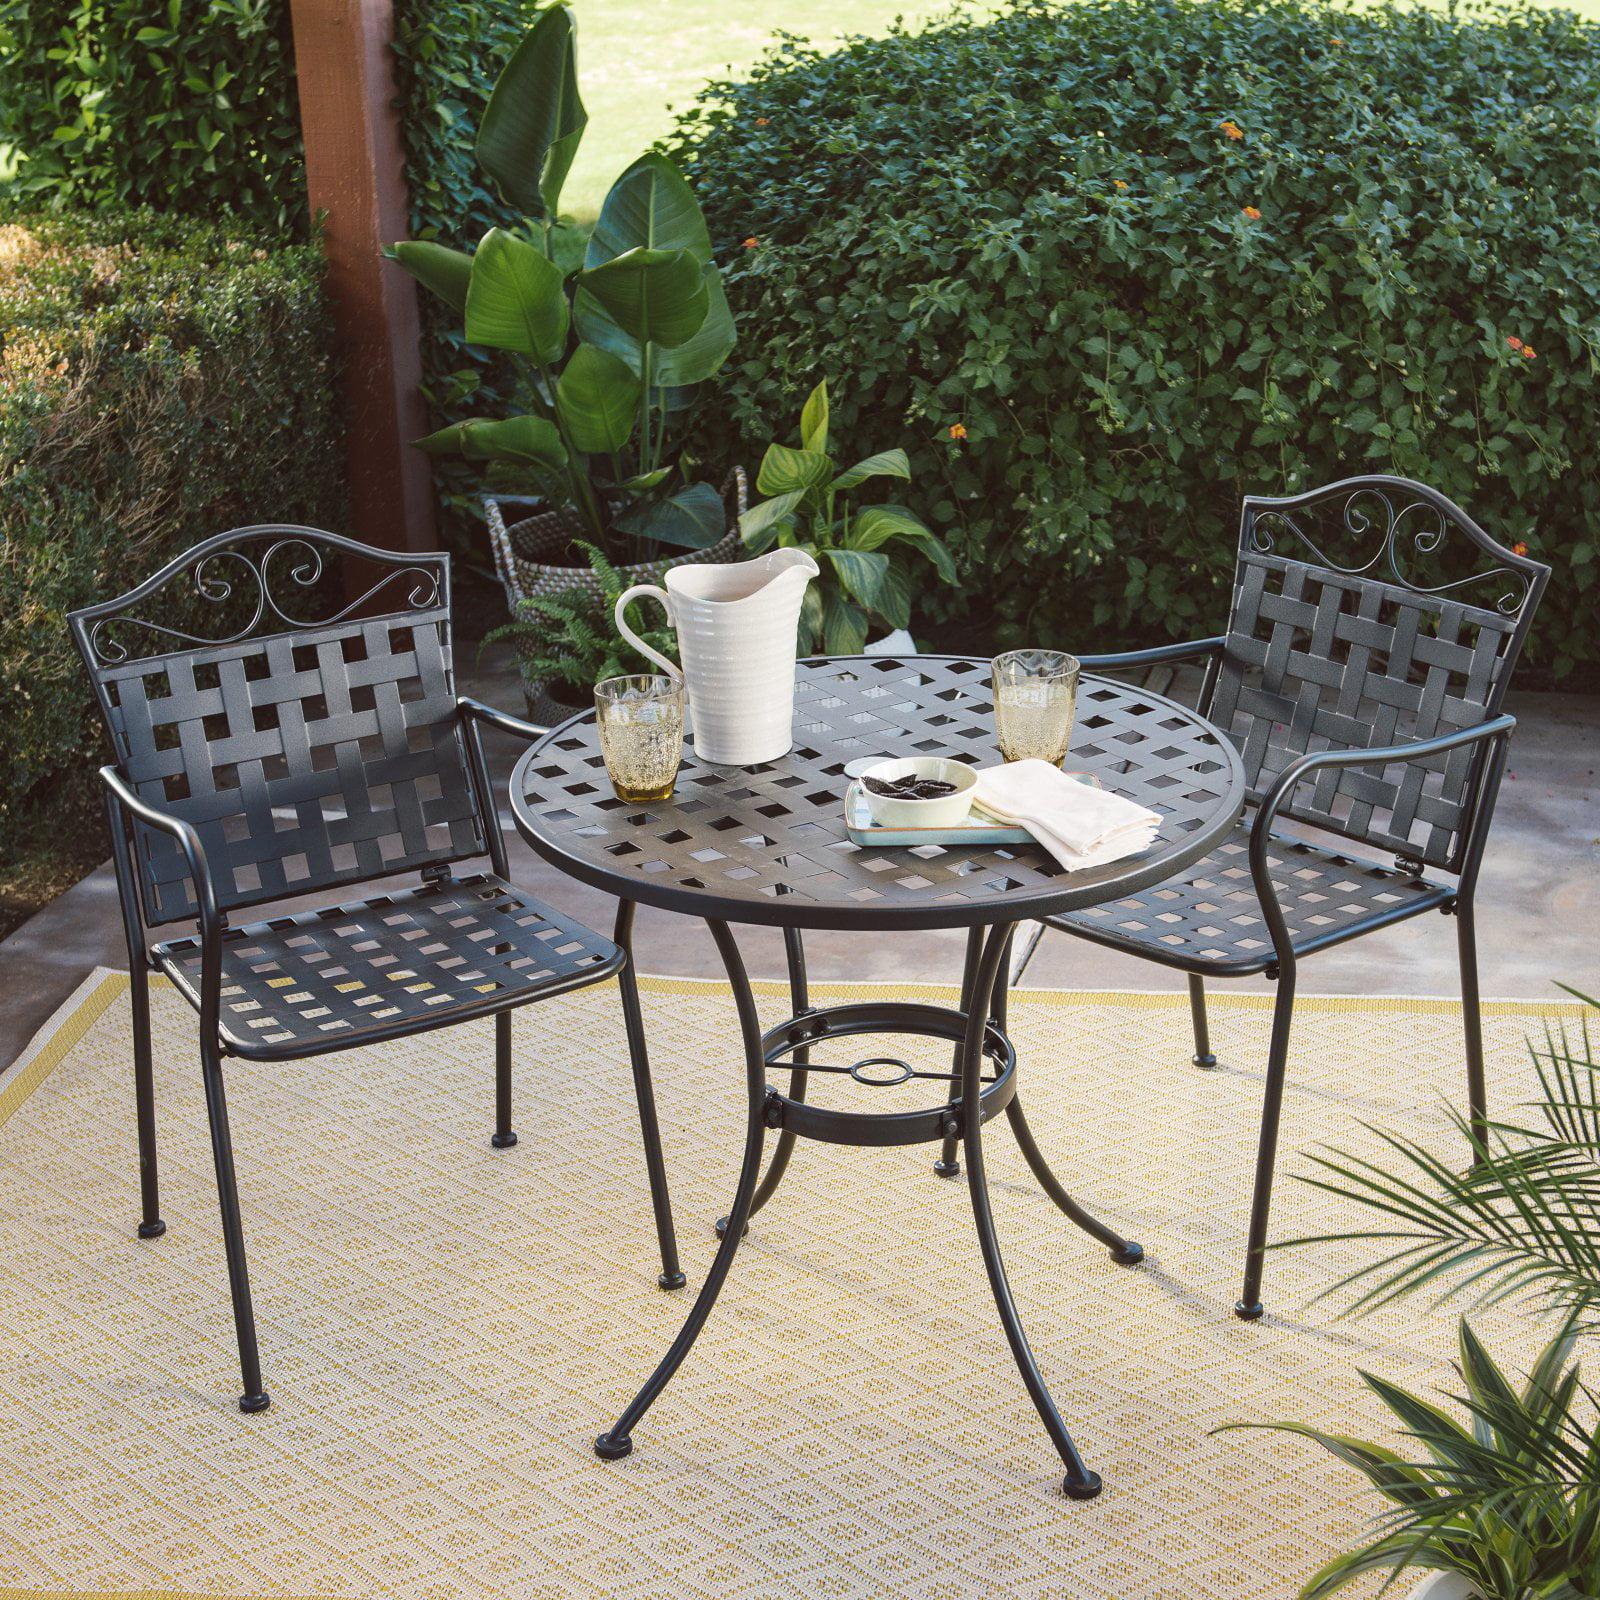 Belham Living Capri Wrought Iron Outdoor Bistro Set by Woodard